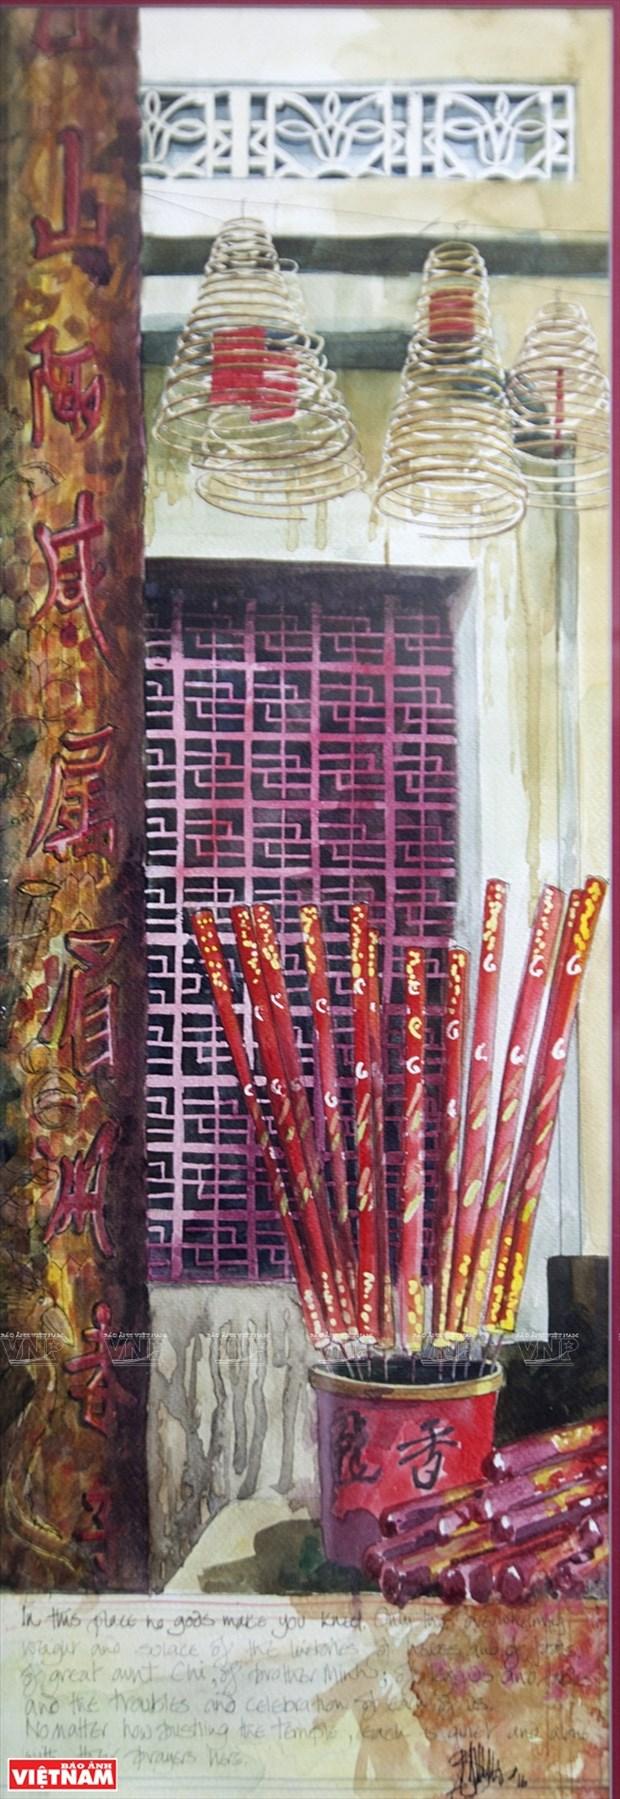 英国画家画中的越南窗口 hinh anh 13